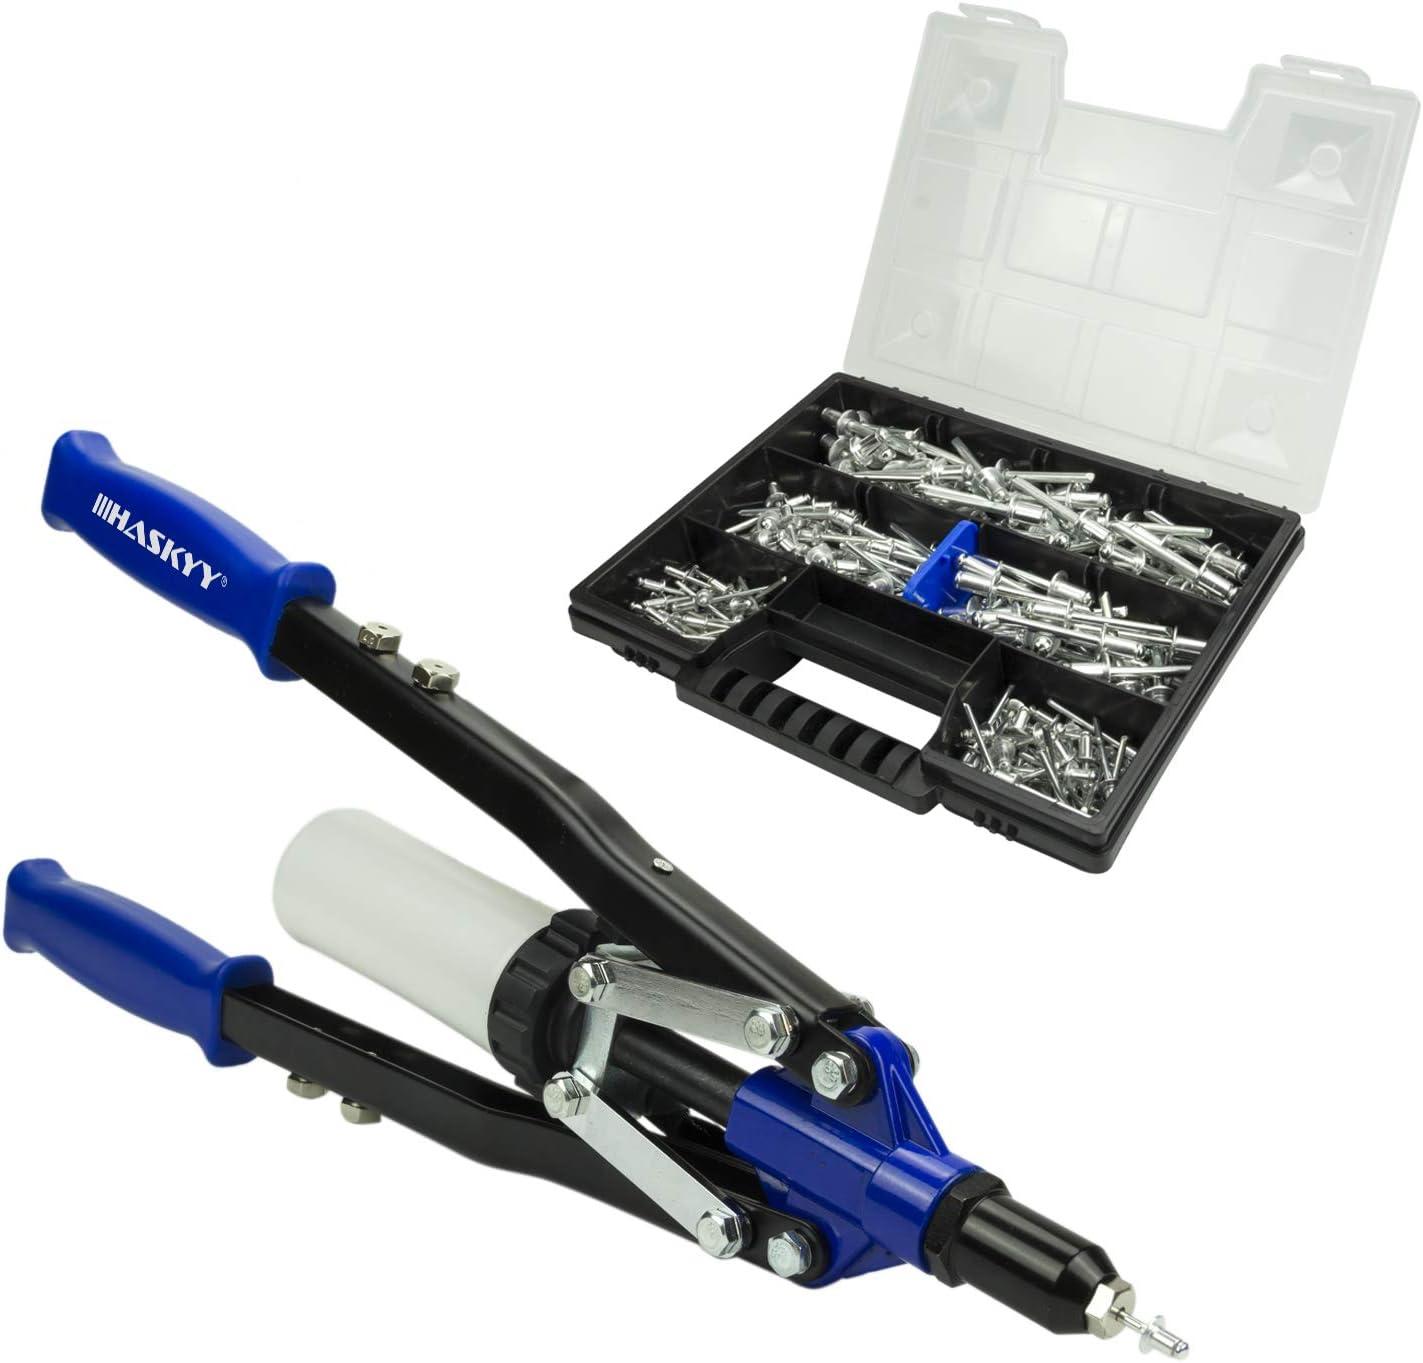 Pistola de remache Remachadora 3,2-4,0-4,8-6,0-6,4 mm mm incluye 150 remaches de aluminio en caja organizadora/maletín